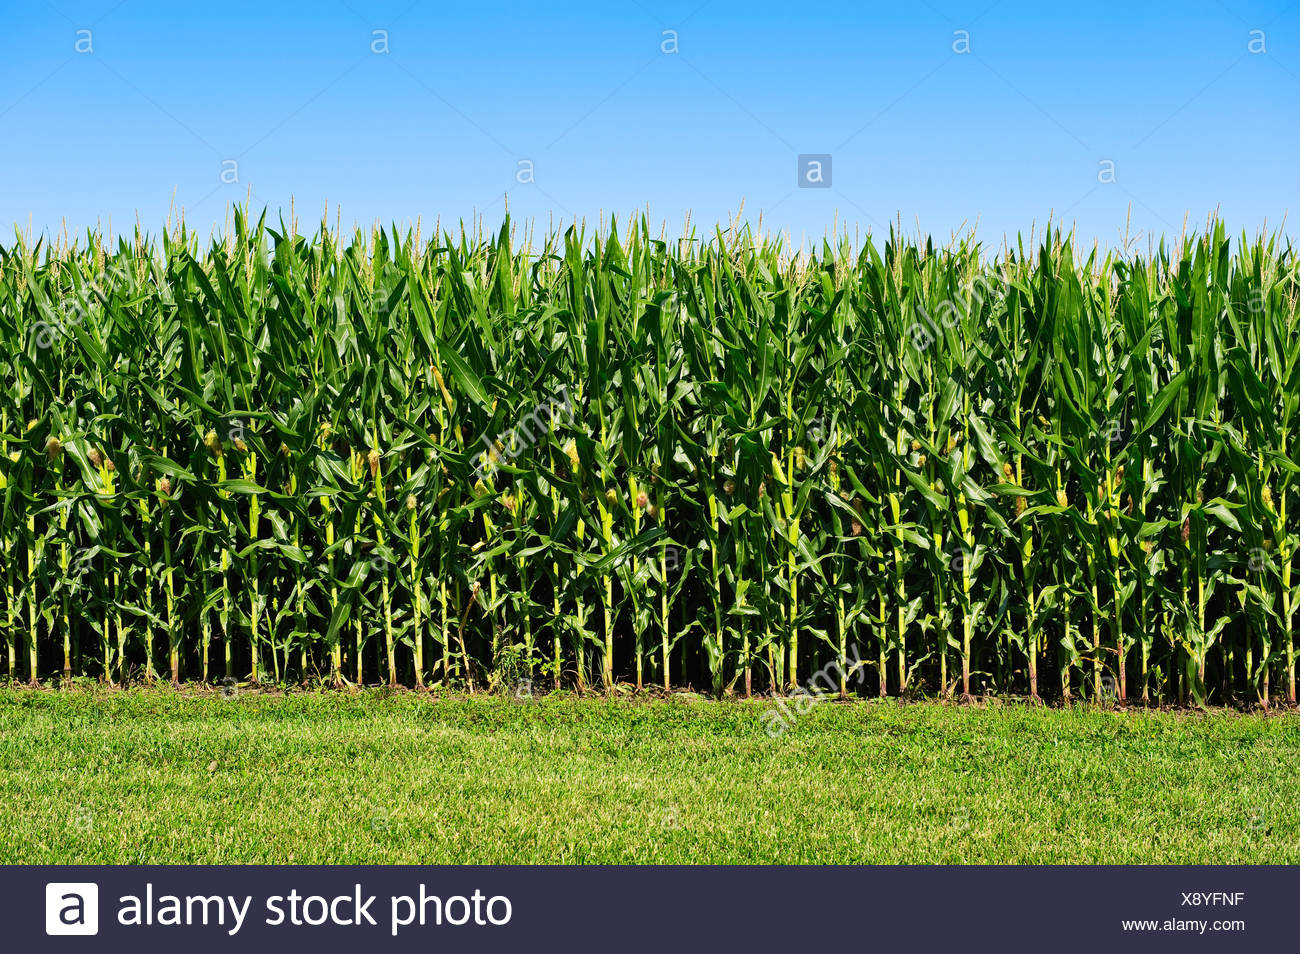 Agricultura - Sideview de un rodal de mediados de crecimiento del maíz, totalmente tasseled con orejas en desarrollo / Iowa, EE.UU. Imagen De Stock